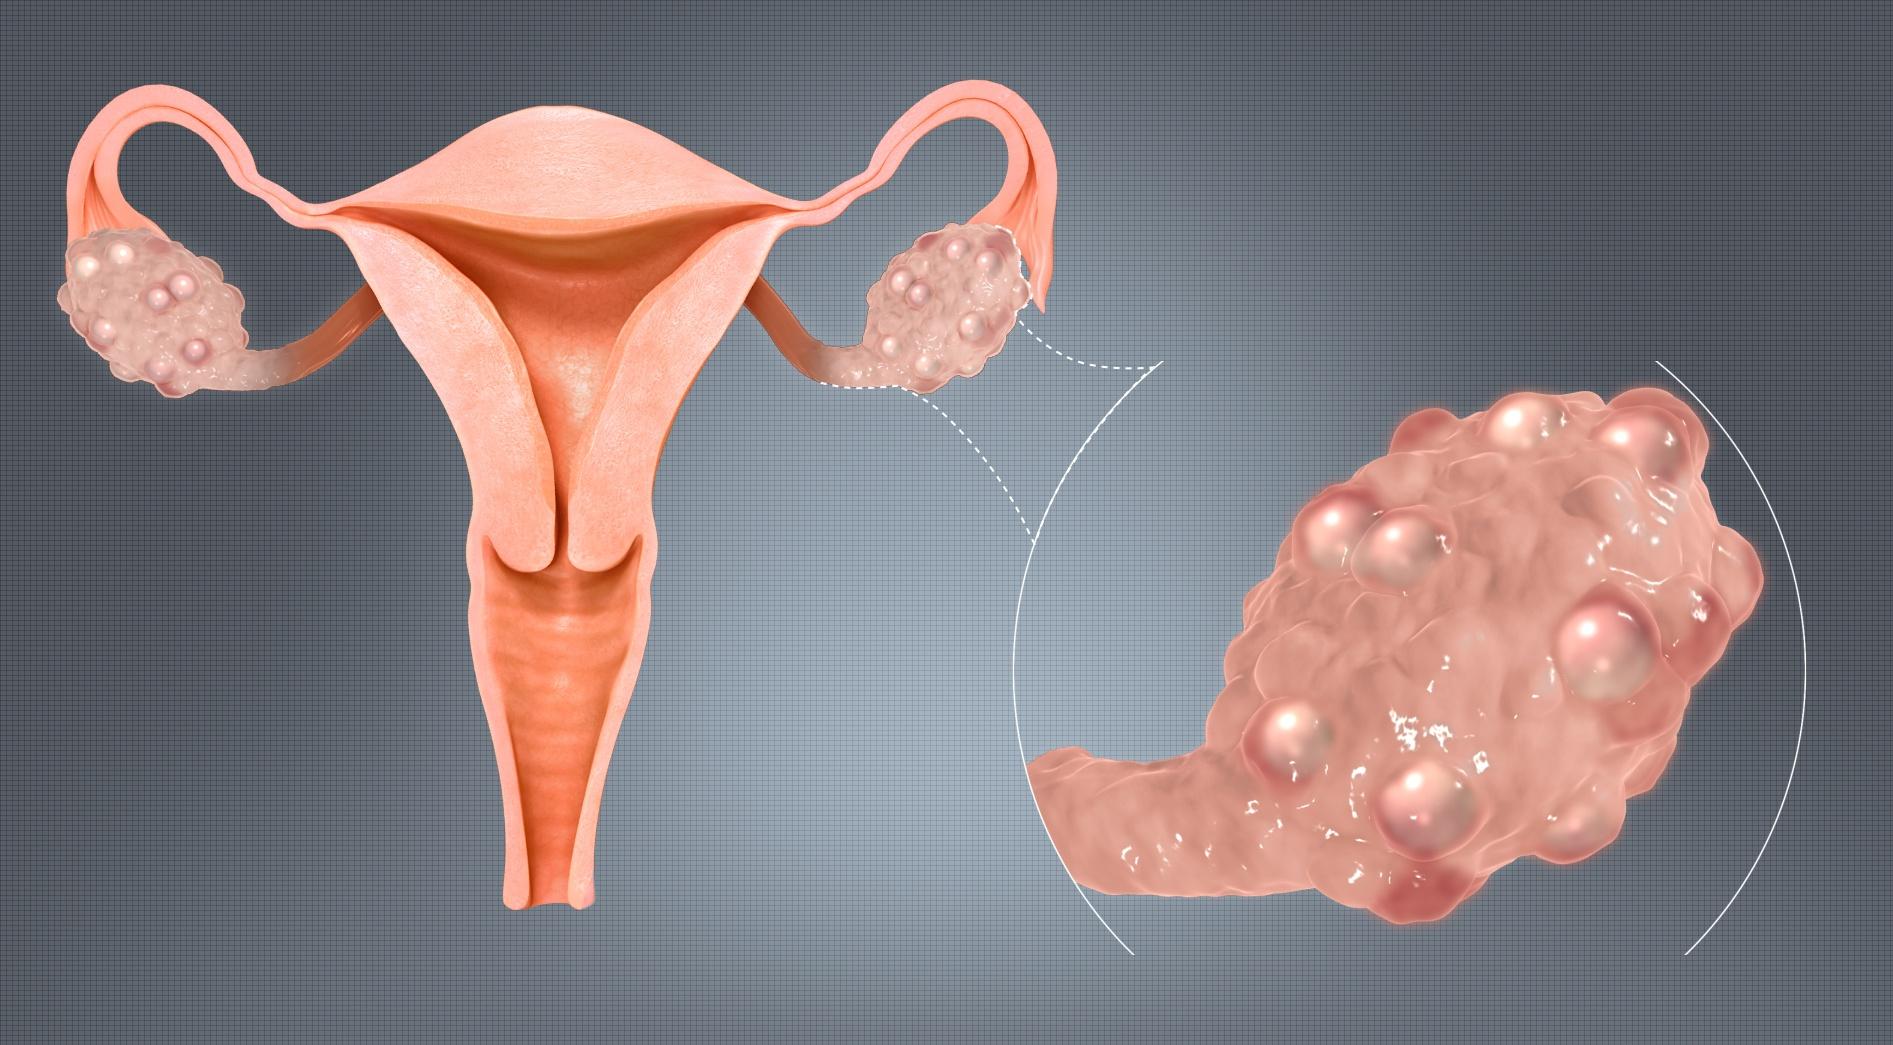 Polycisticke ovaria na vaječníkoch pcos